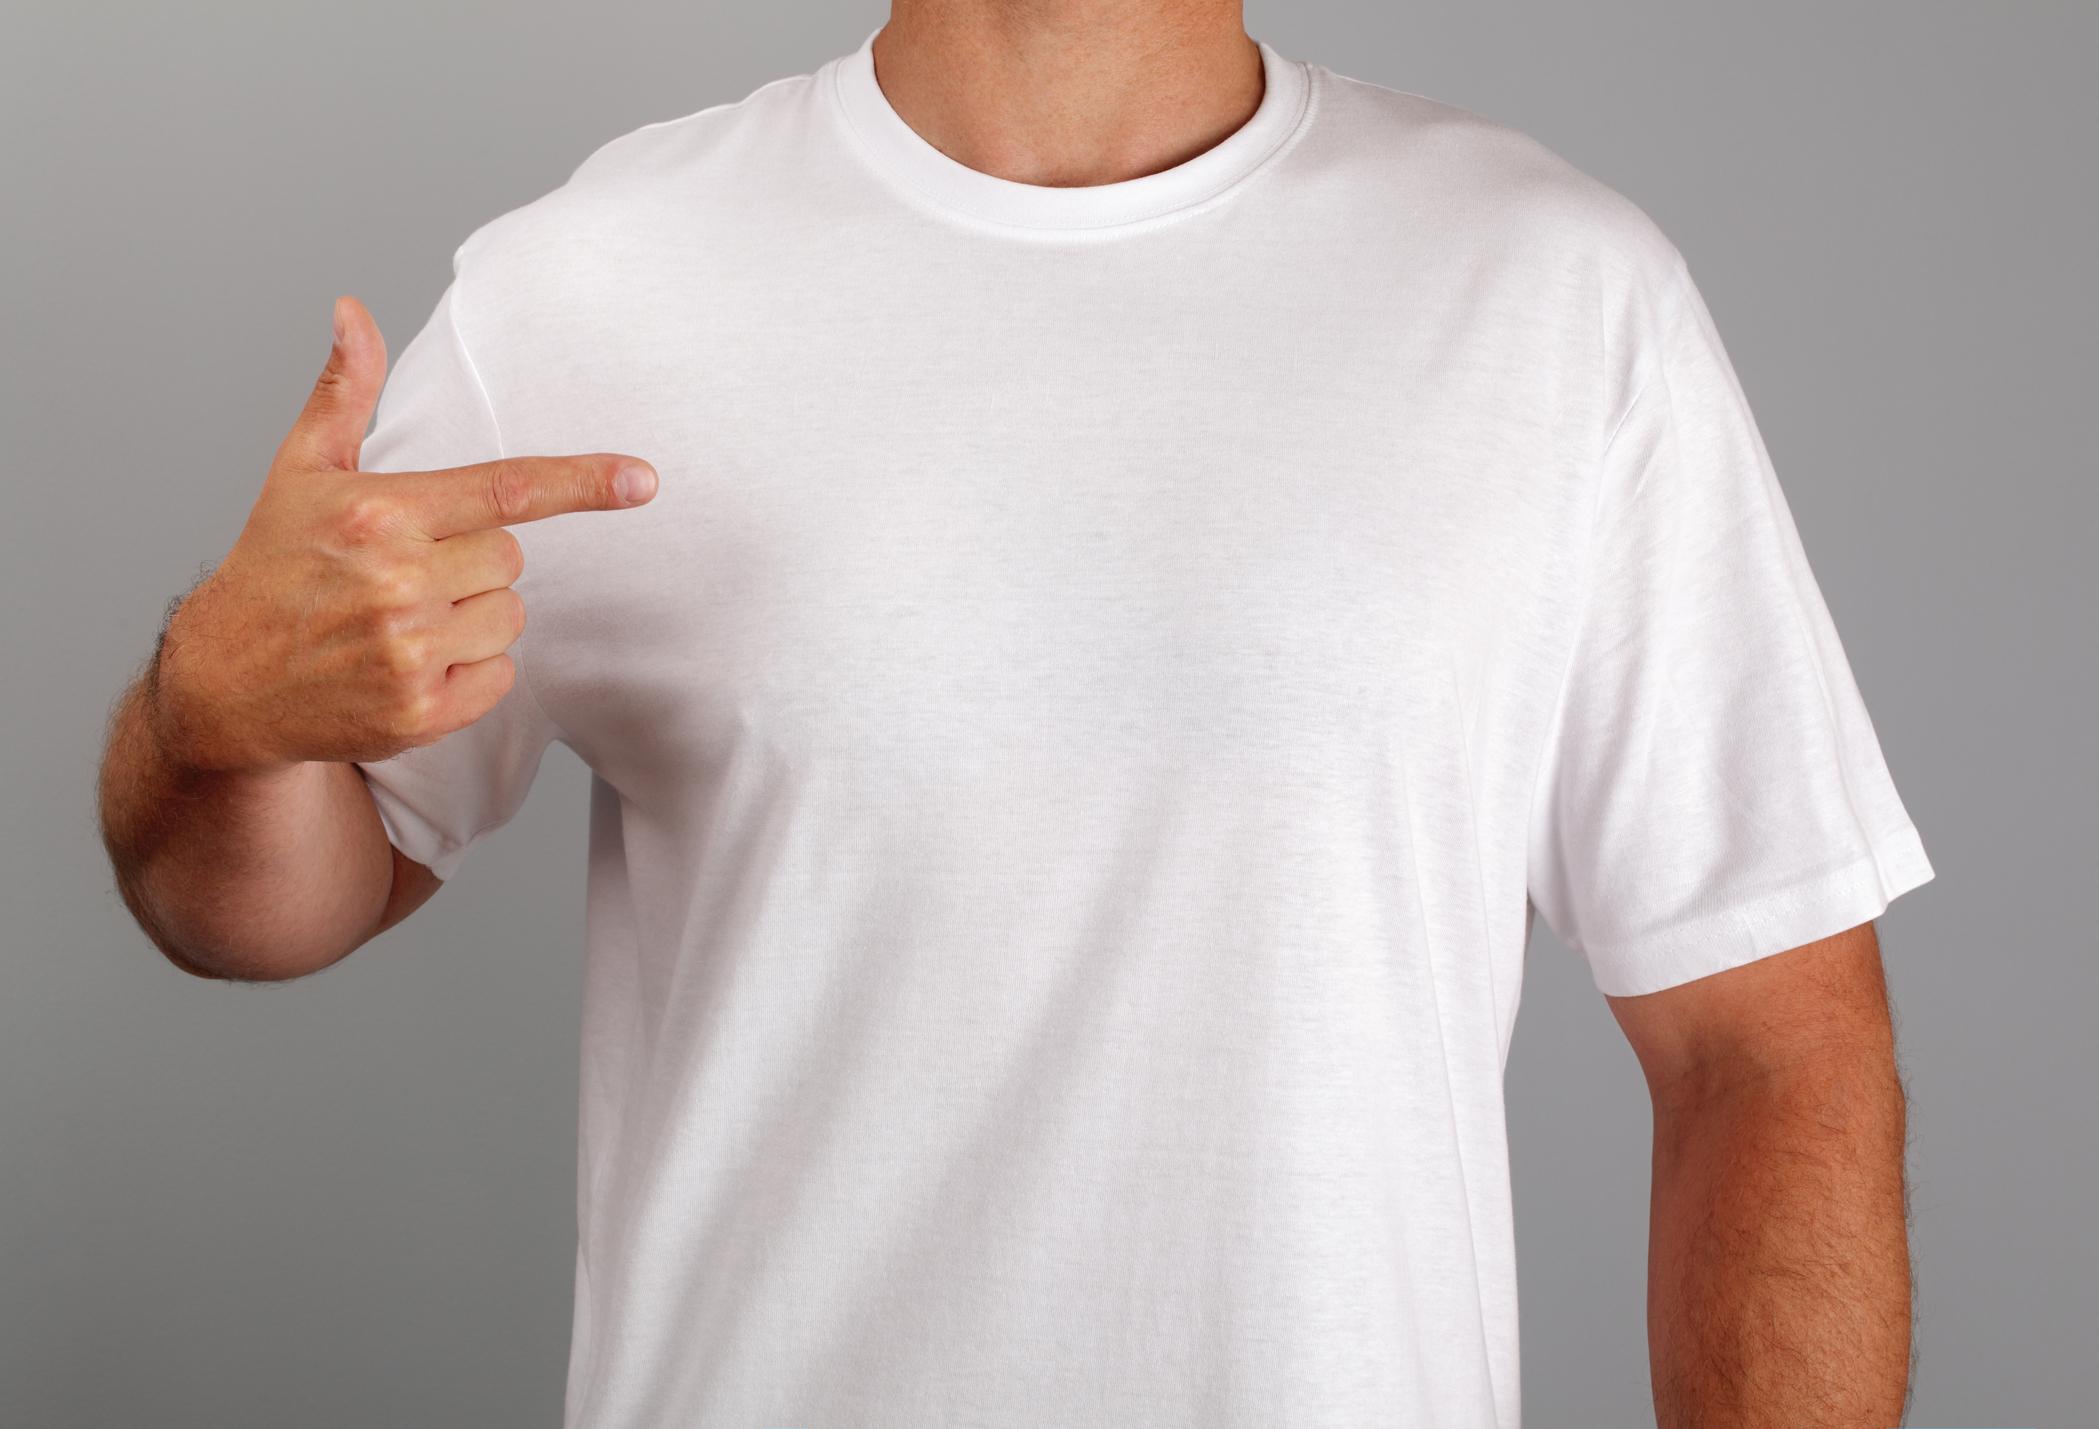 Man wearing white t-shirt pointing at himself.